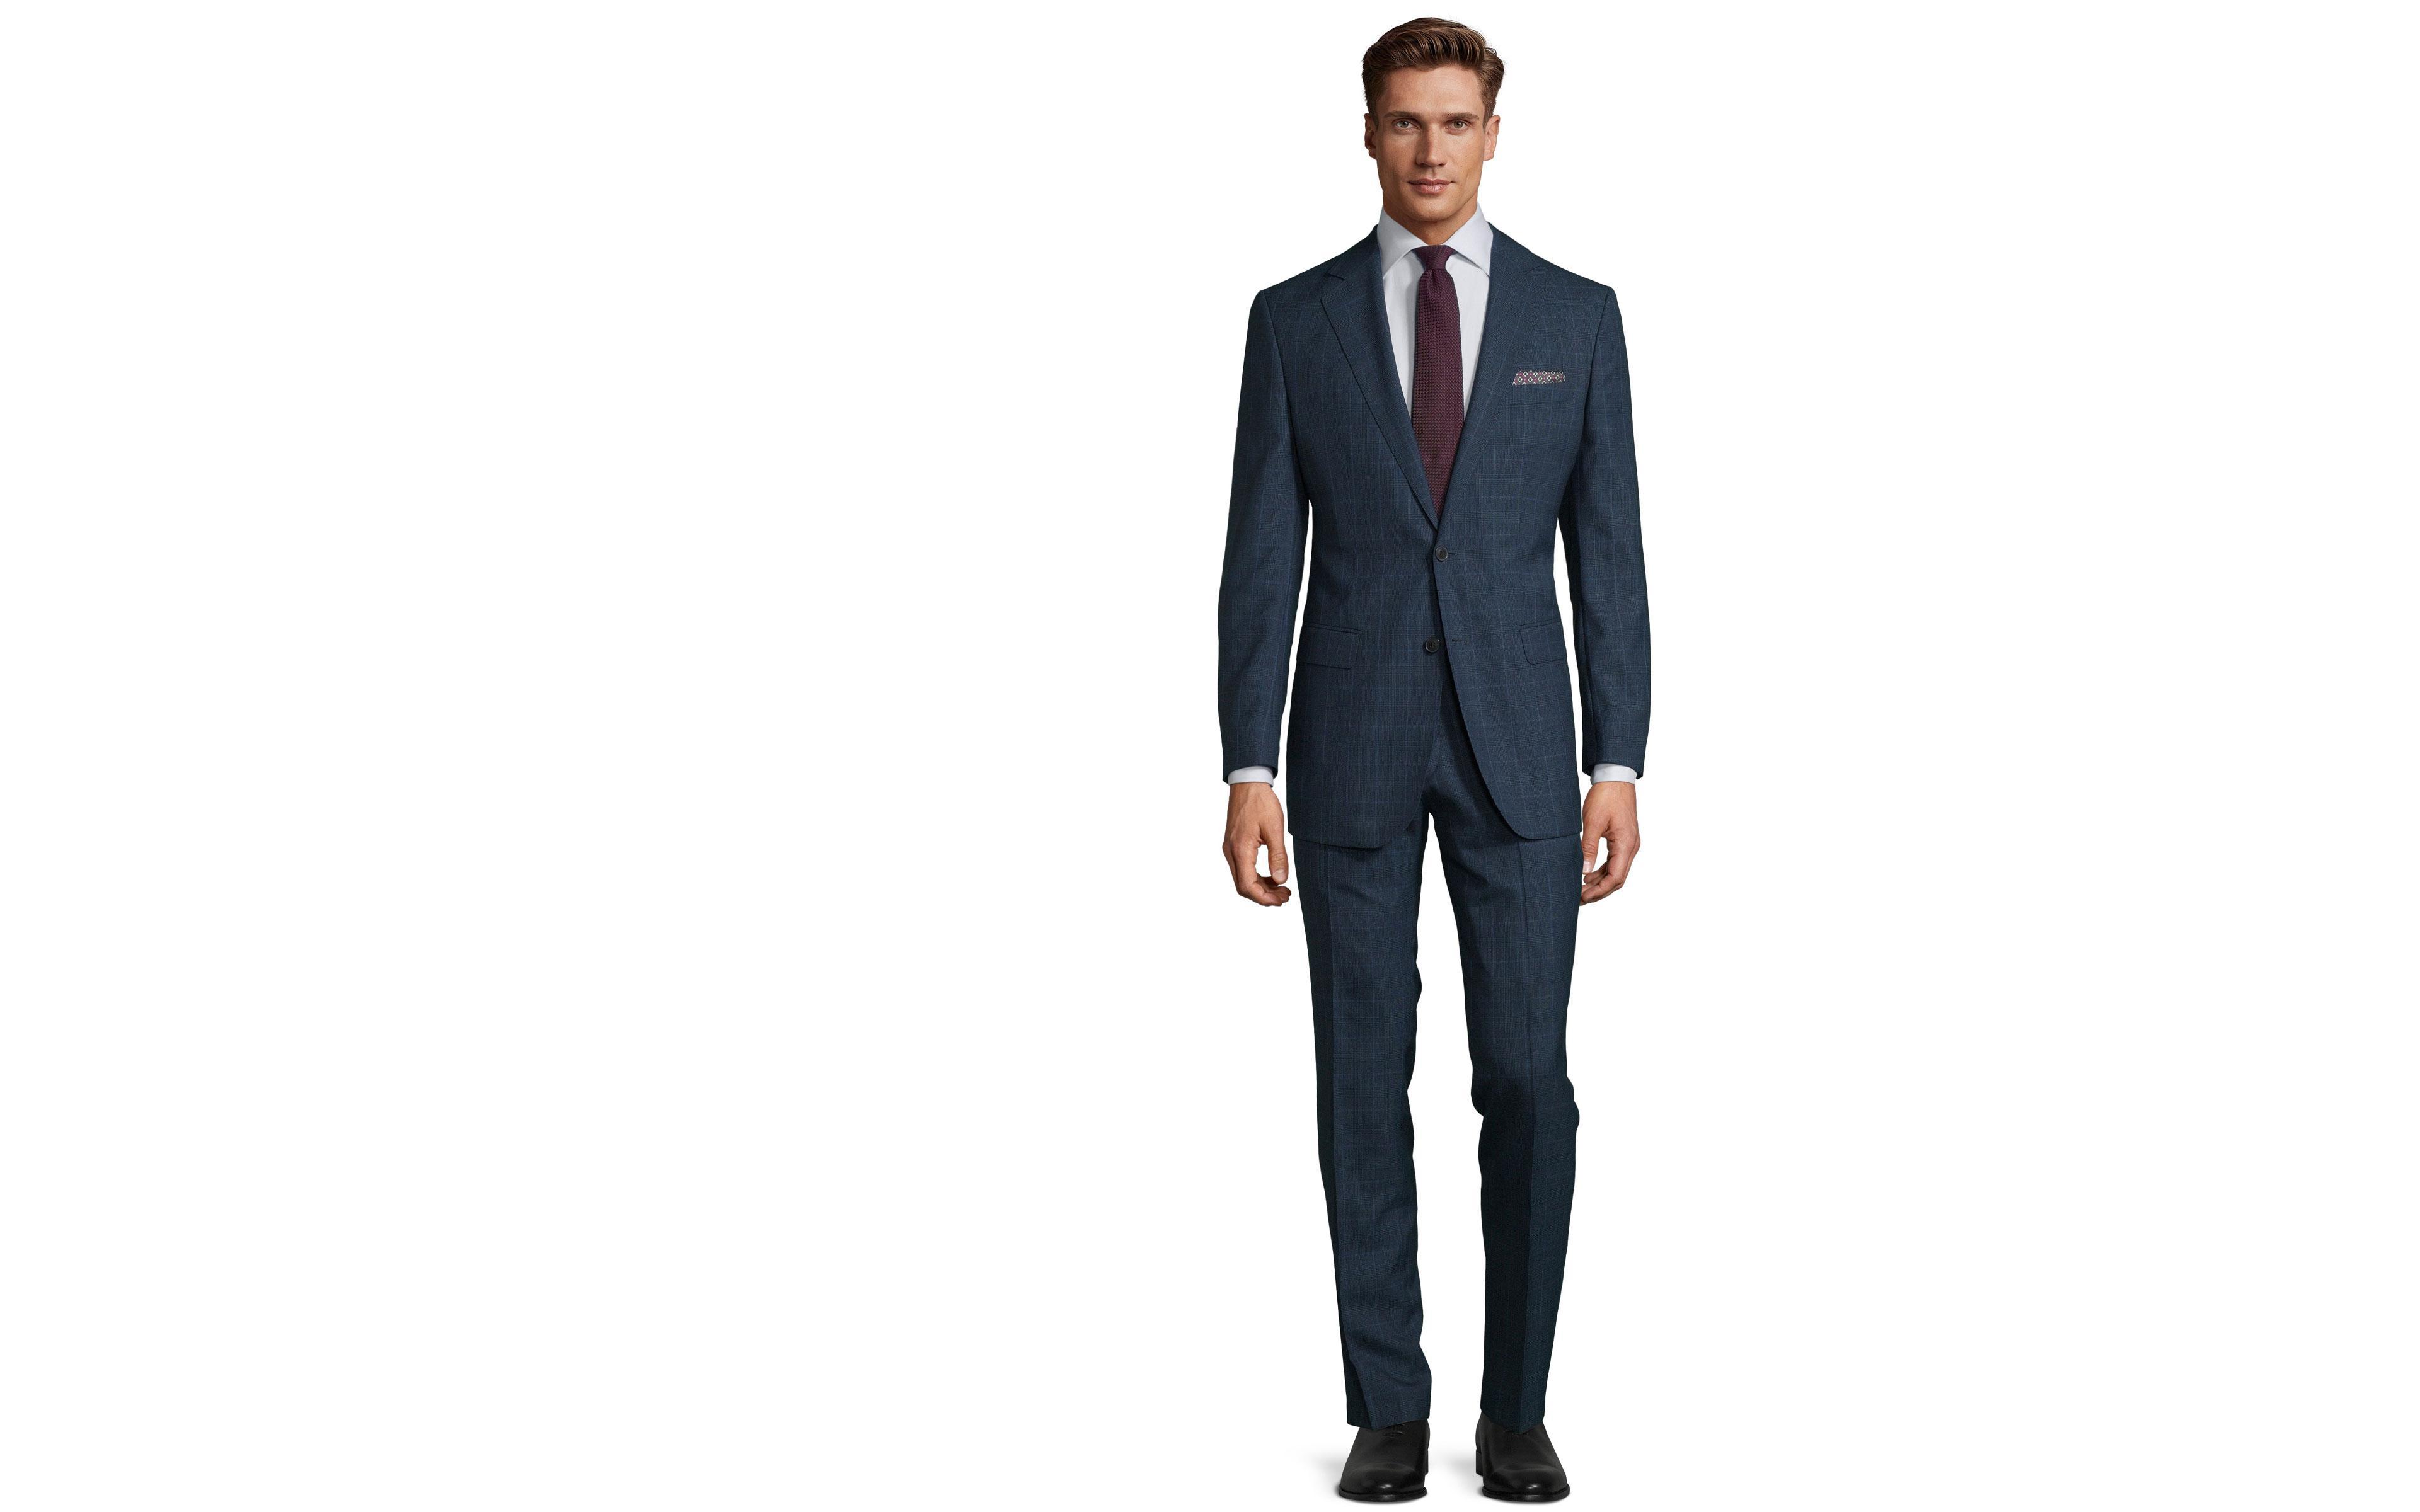 Tropical Rustic Royal Blue Plaid Suit